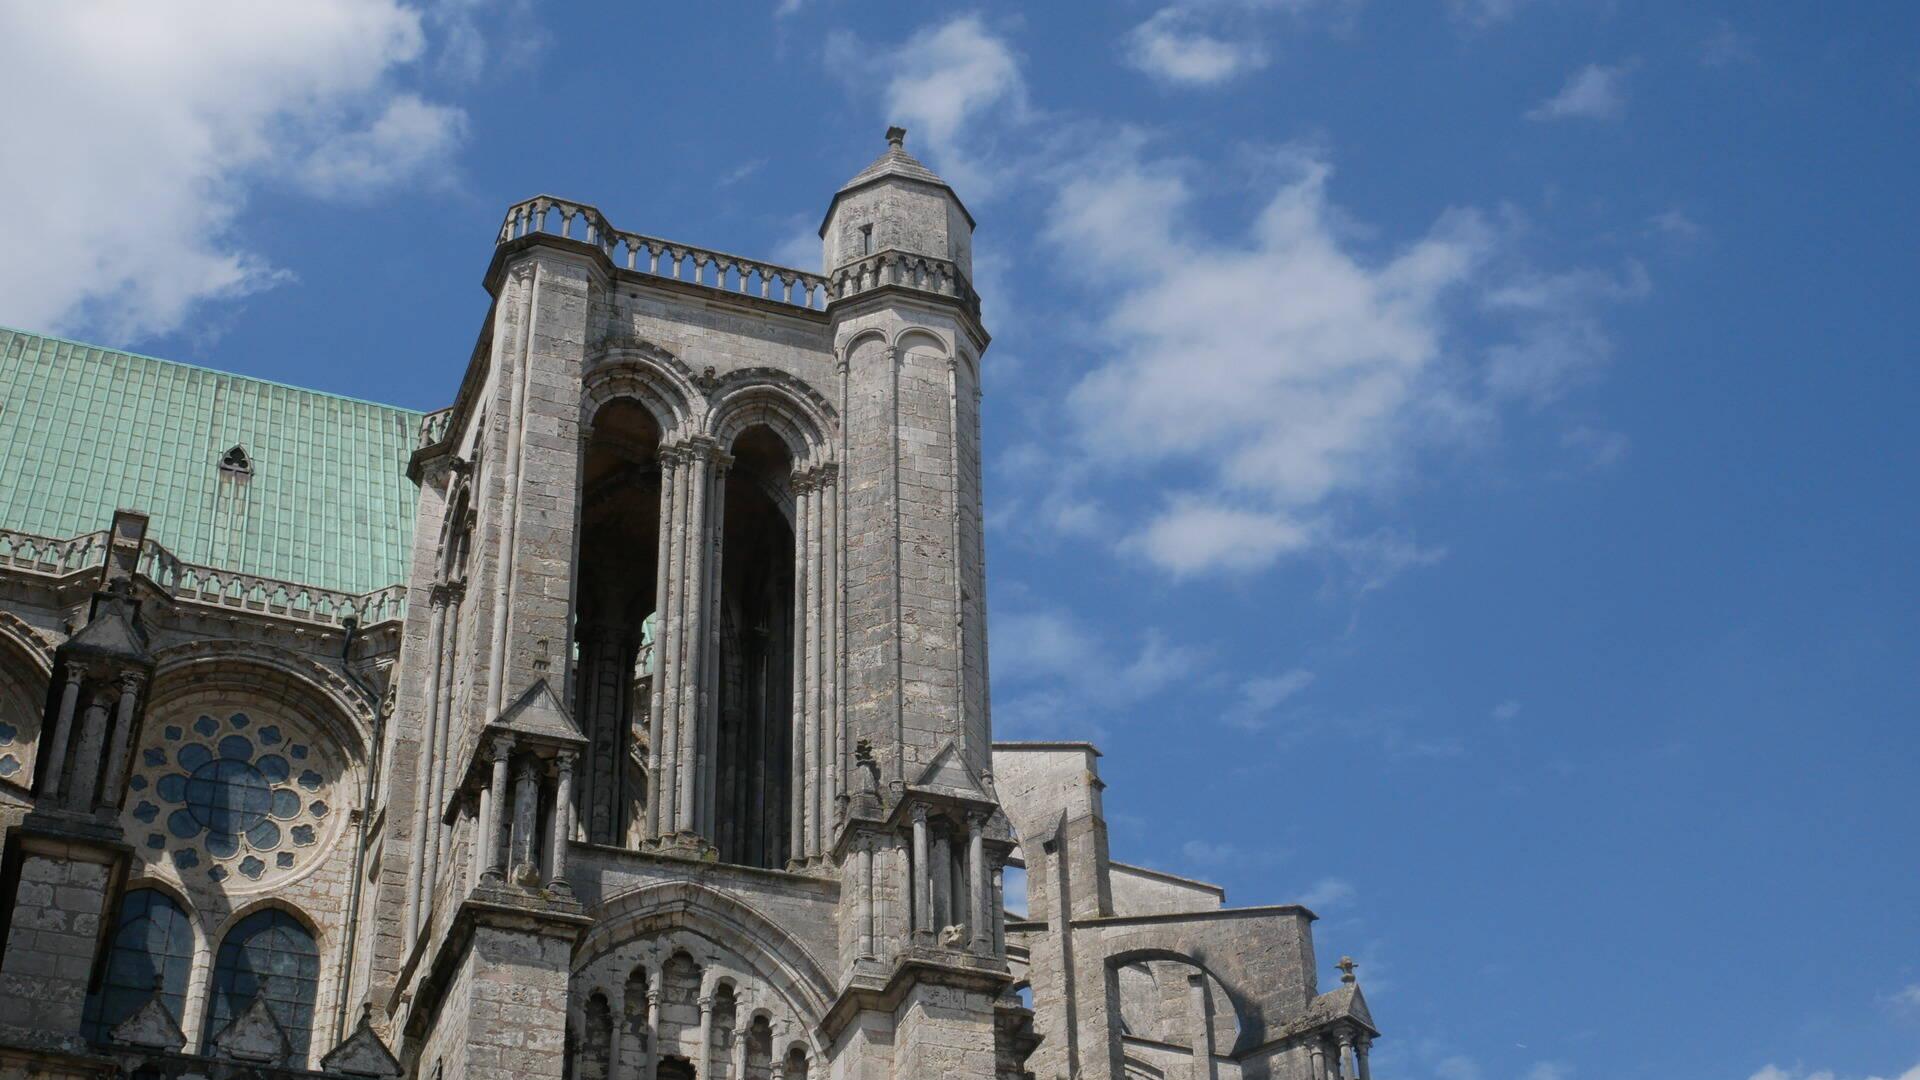 Vue du portail sud de la cathédrale de Chartres